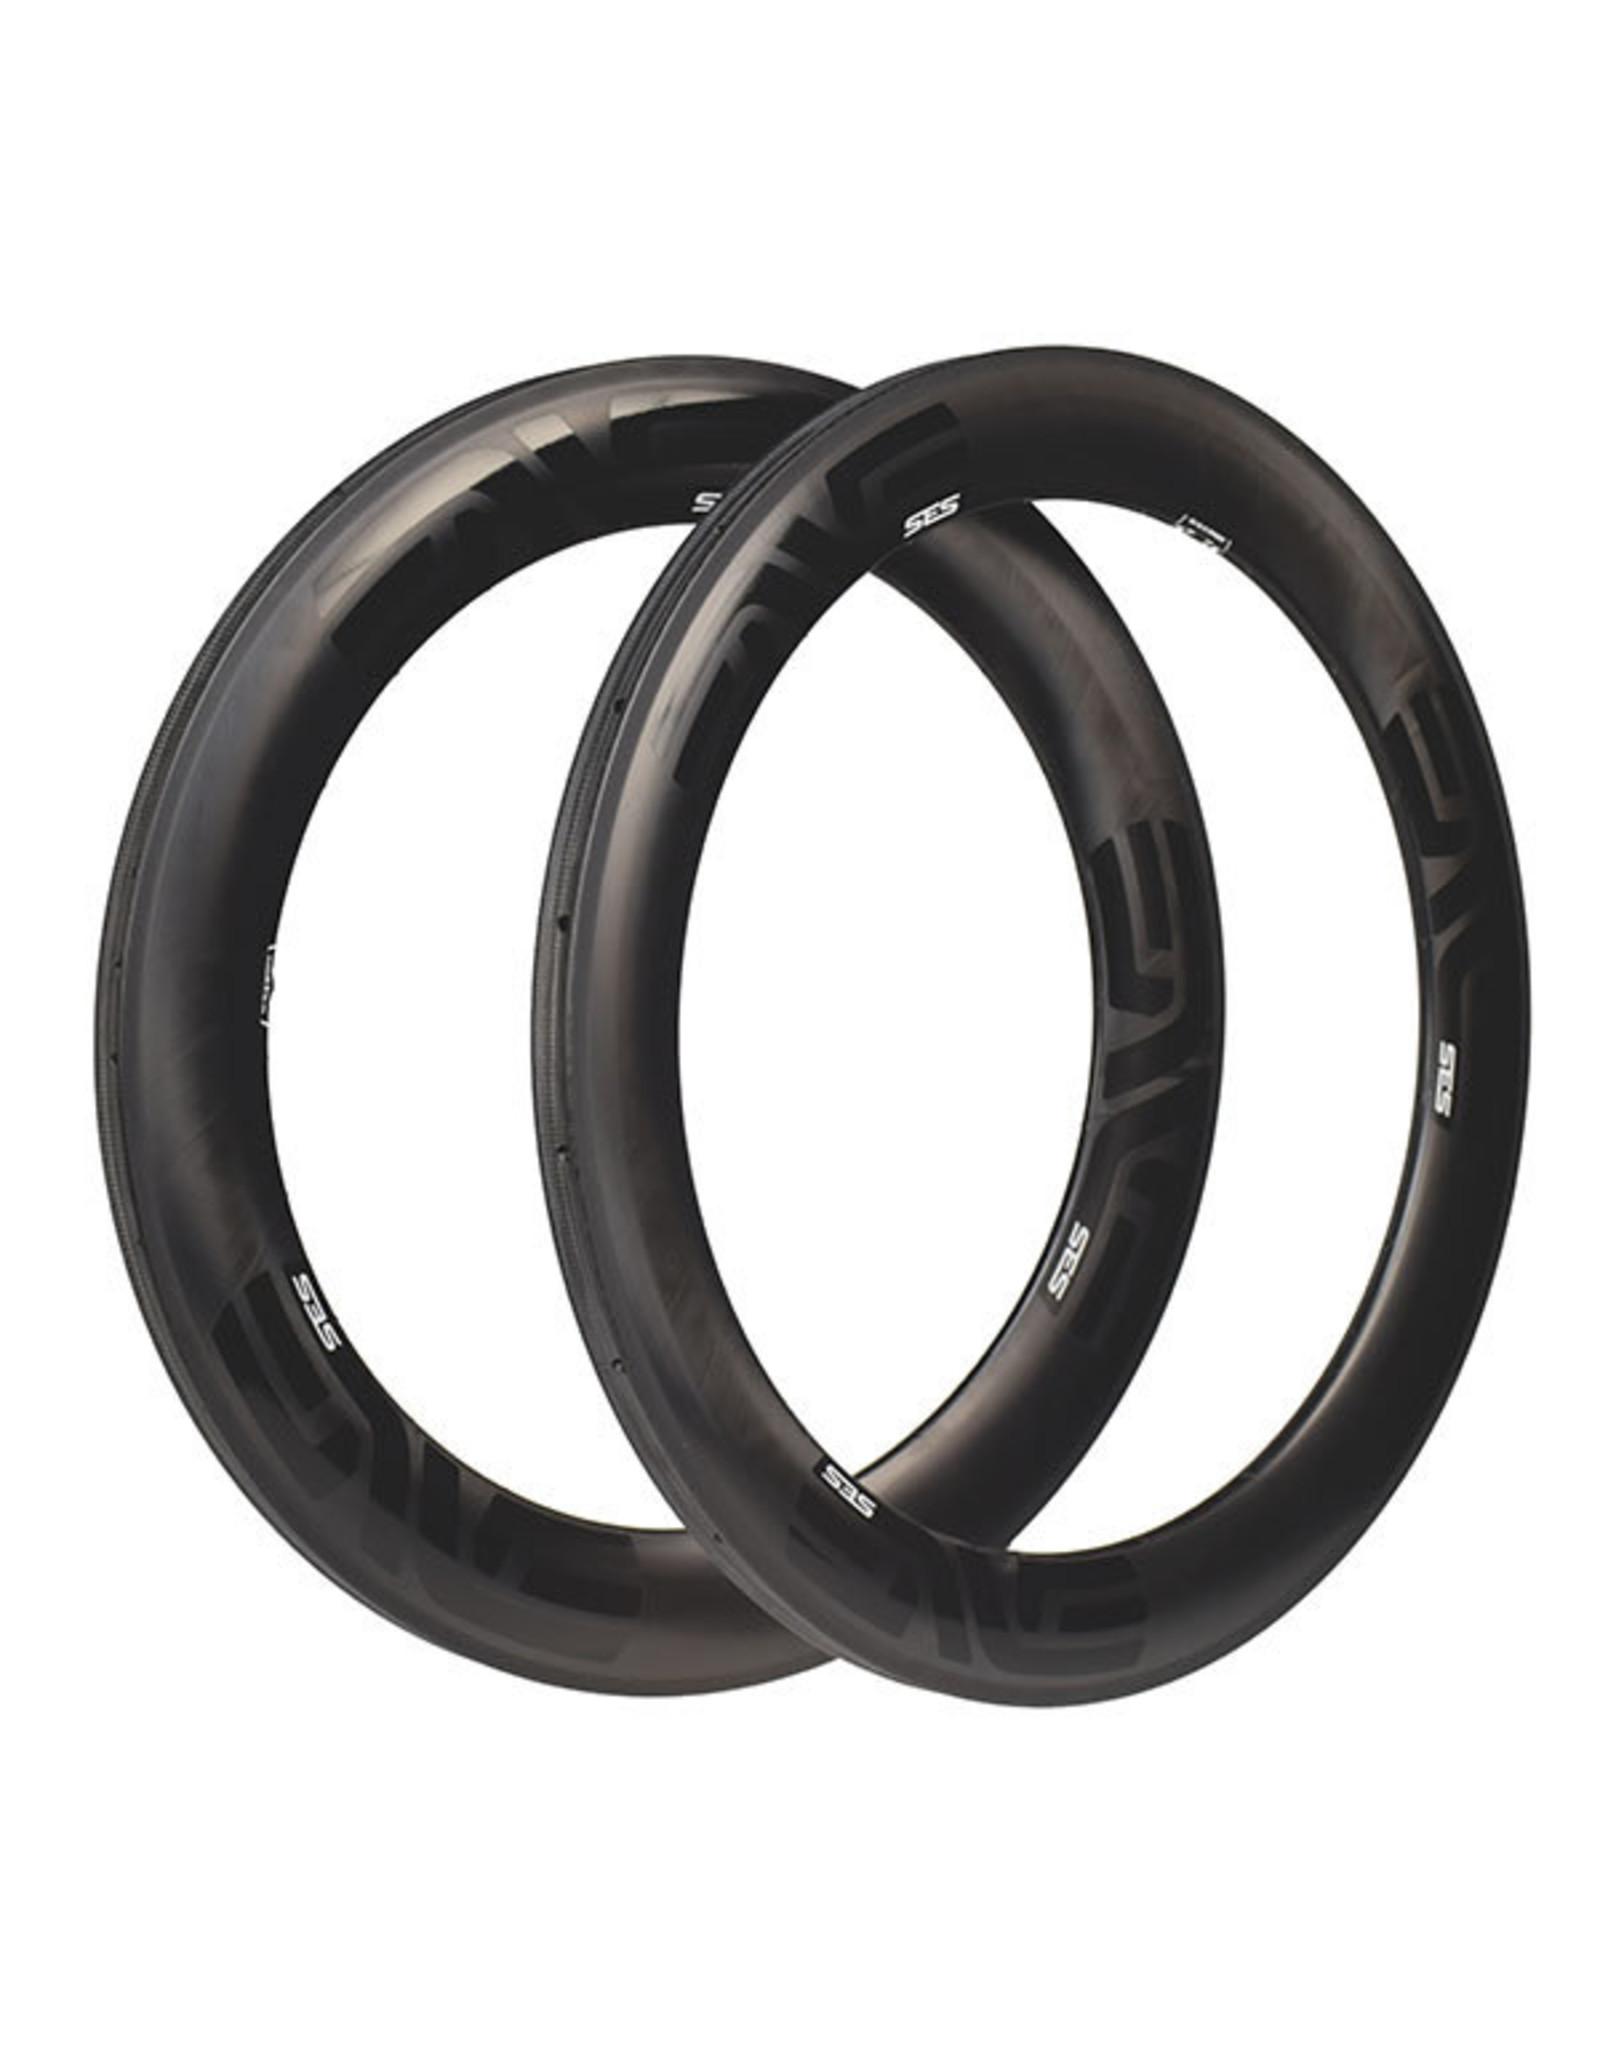 ENVE Composites ENVE Carbon SES Tubular Rim